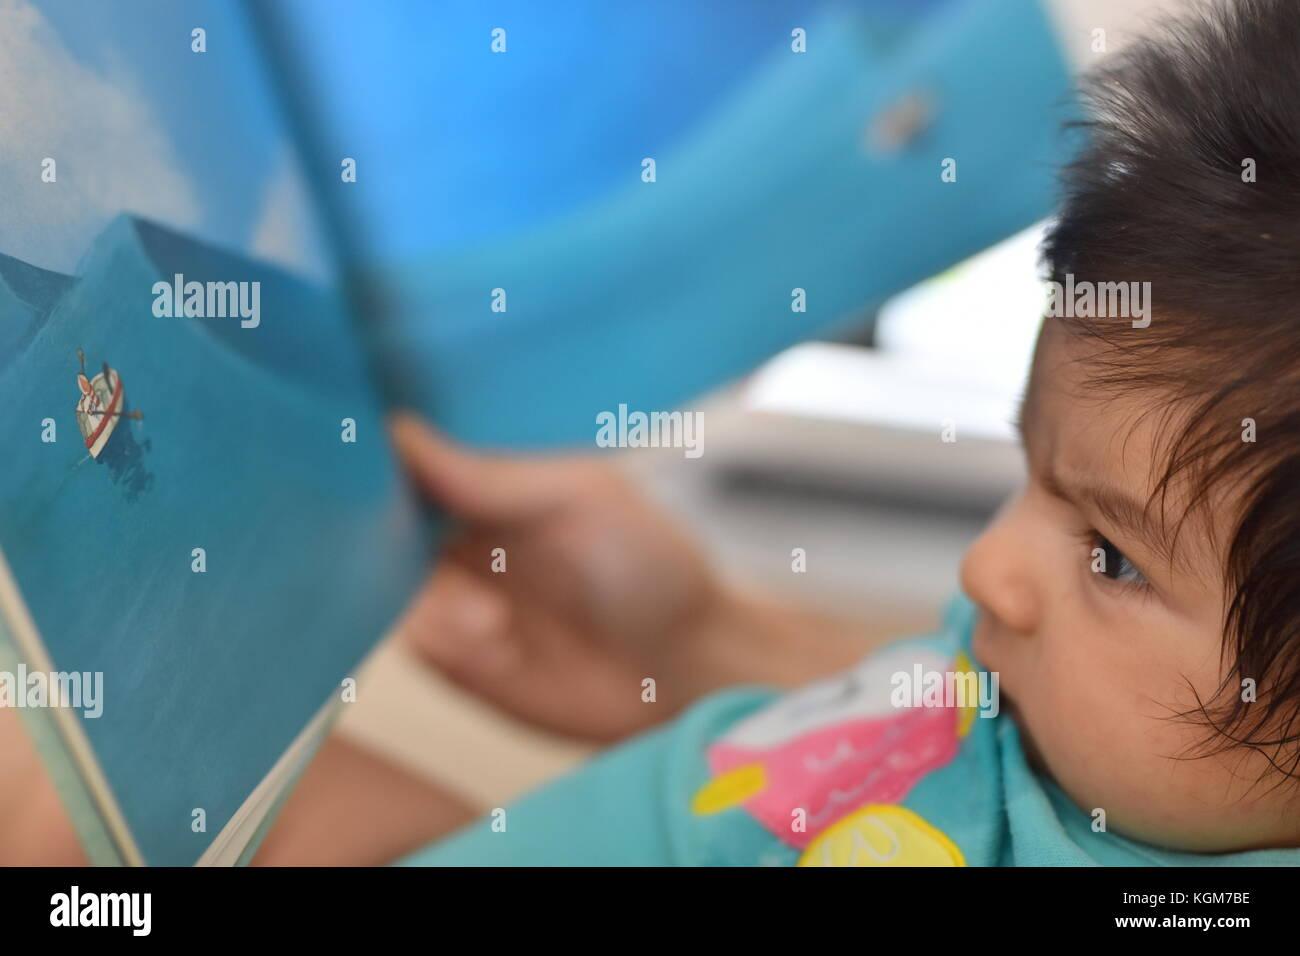 Bebé recién nacido atentamente la lectura del libro infantil con ilustraciones Imagen De Stock